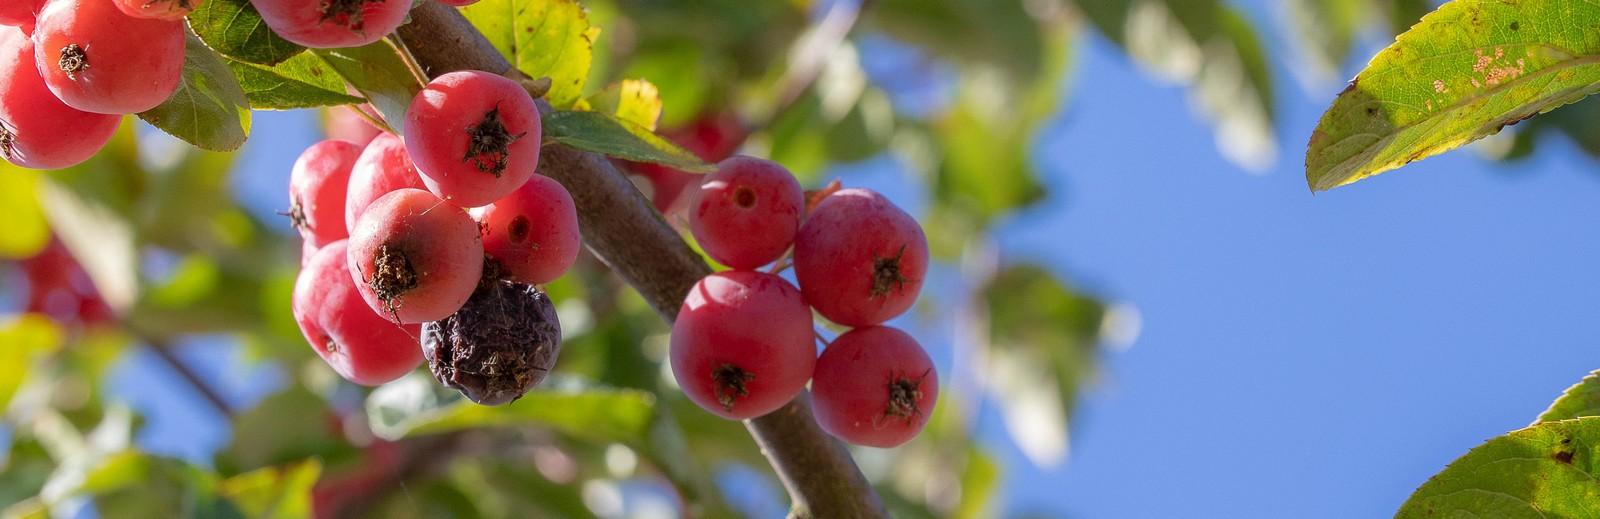 afbeelding bij bessen aan boom